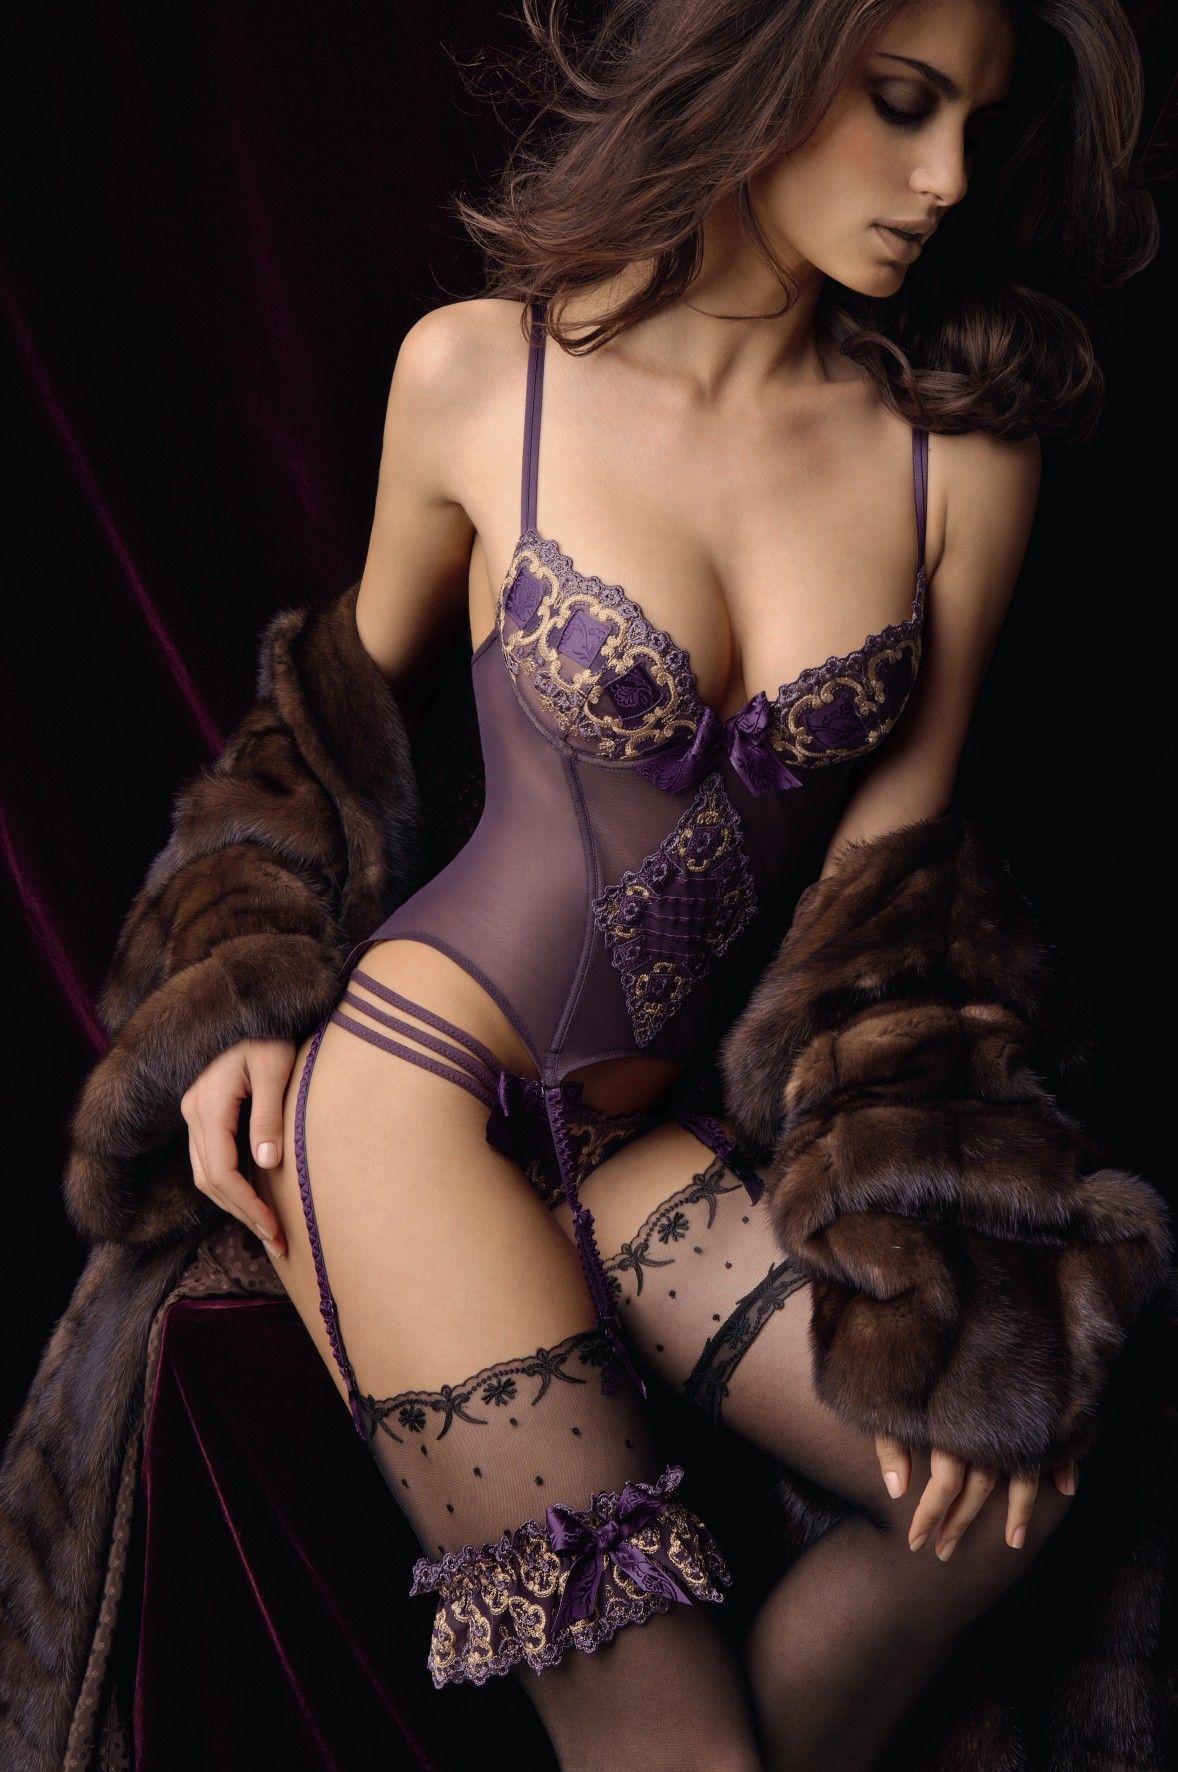 a453c1831afe8 Belo modelito para uma ida ao Motel Cisne - Catrinel Menghia For Lise  Charmel sexy hot lingerie girls